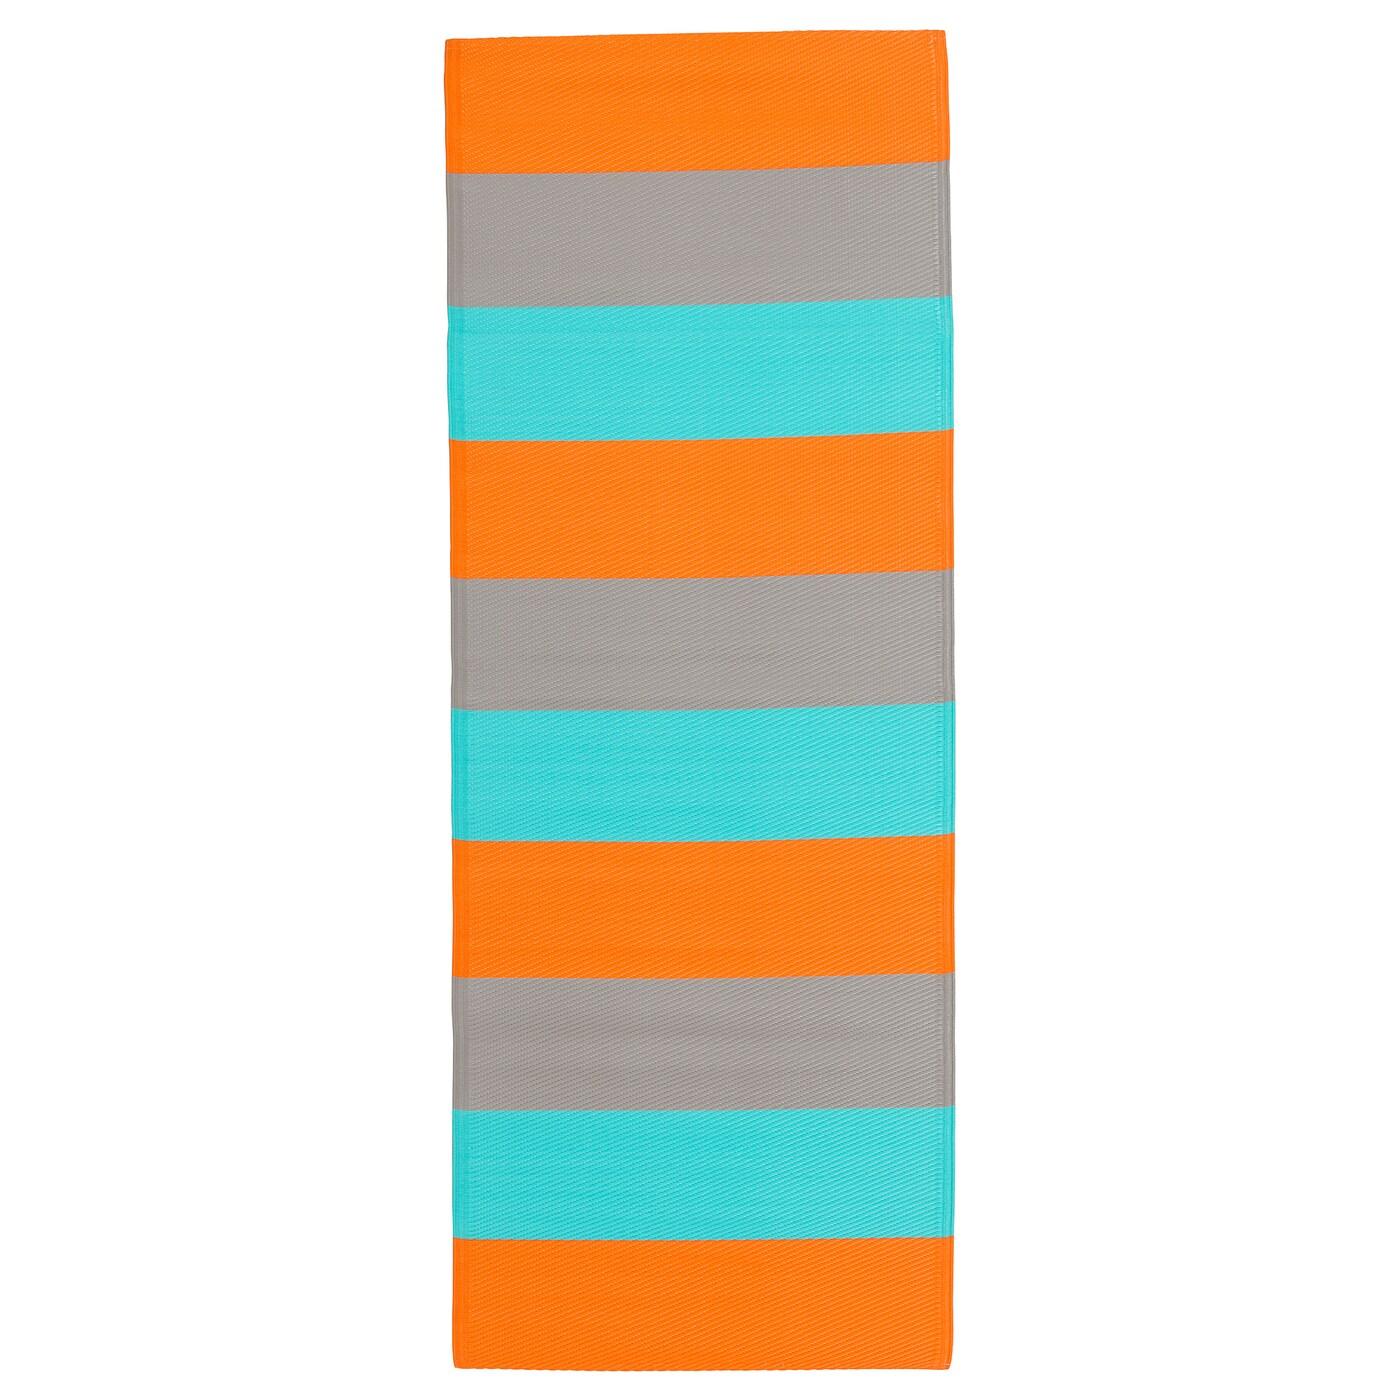 sommar 2018 rug flatwoven in outdoor striped orange. Black Bedroom Furniture Sets. Home Design Ideas